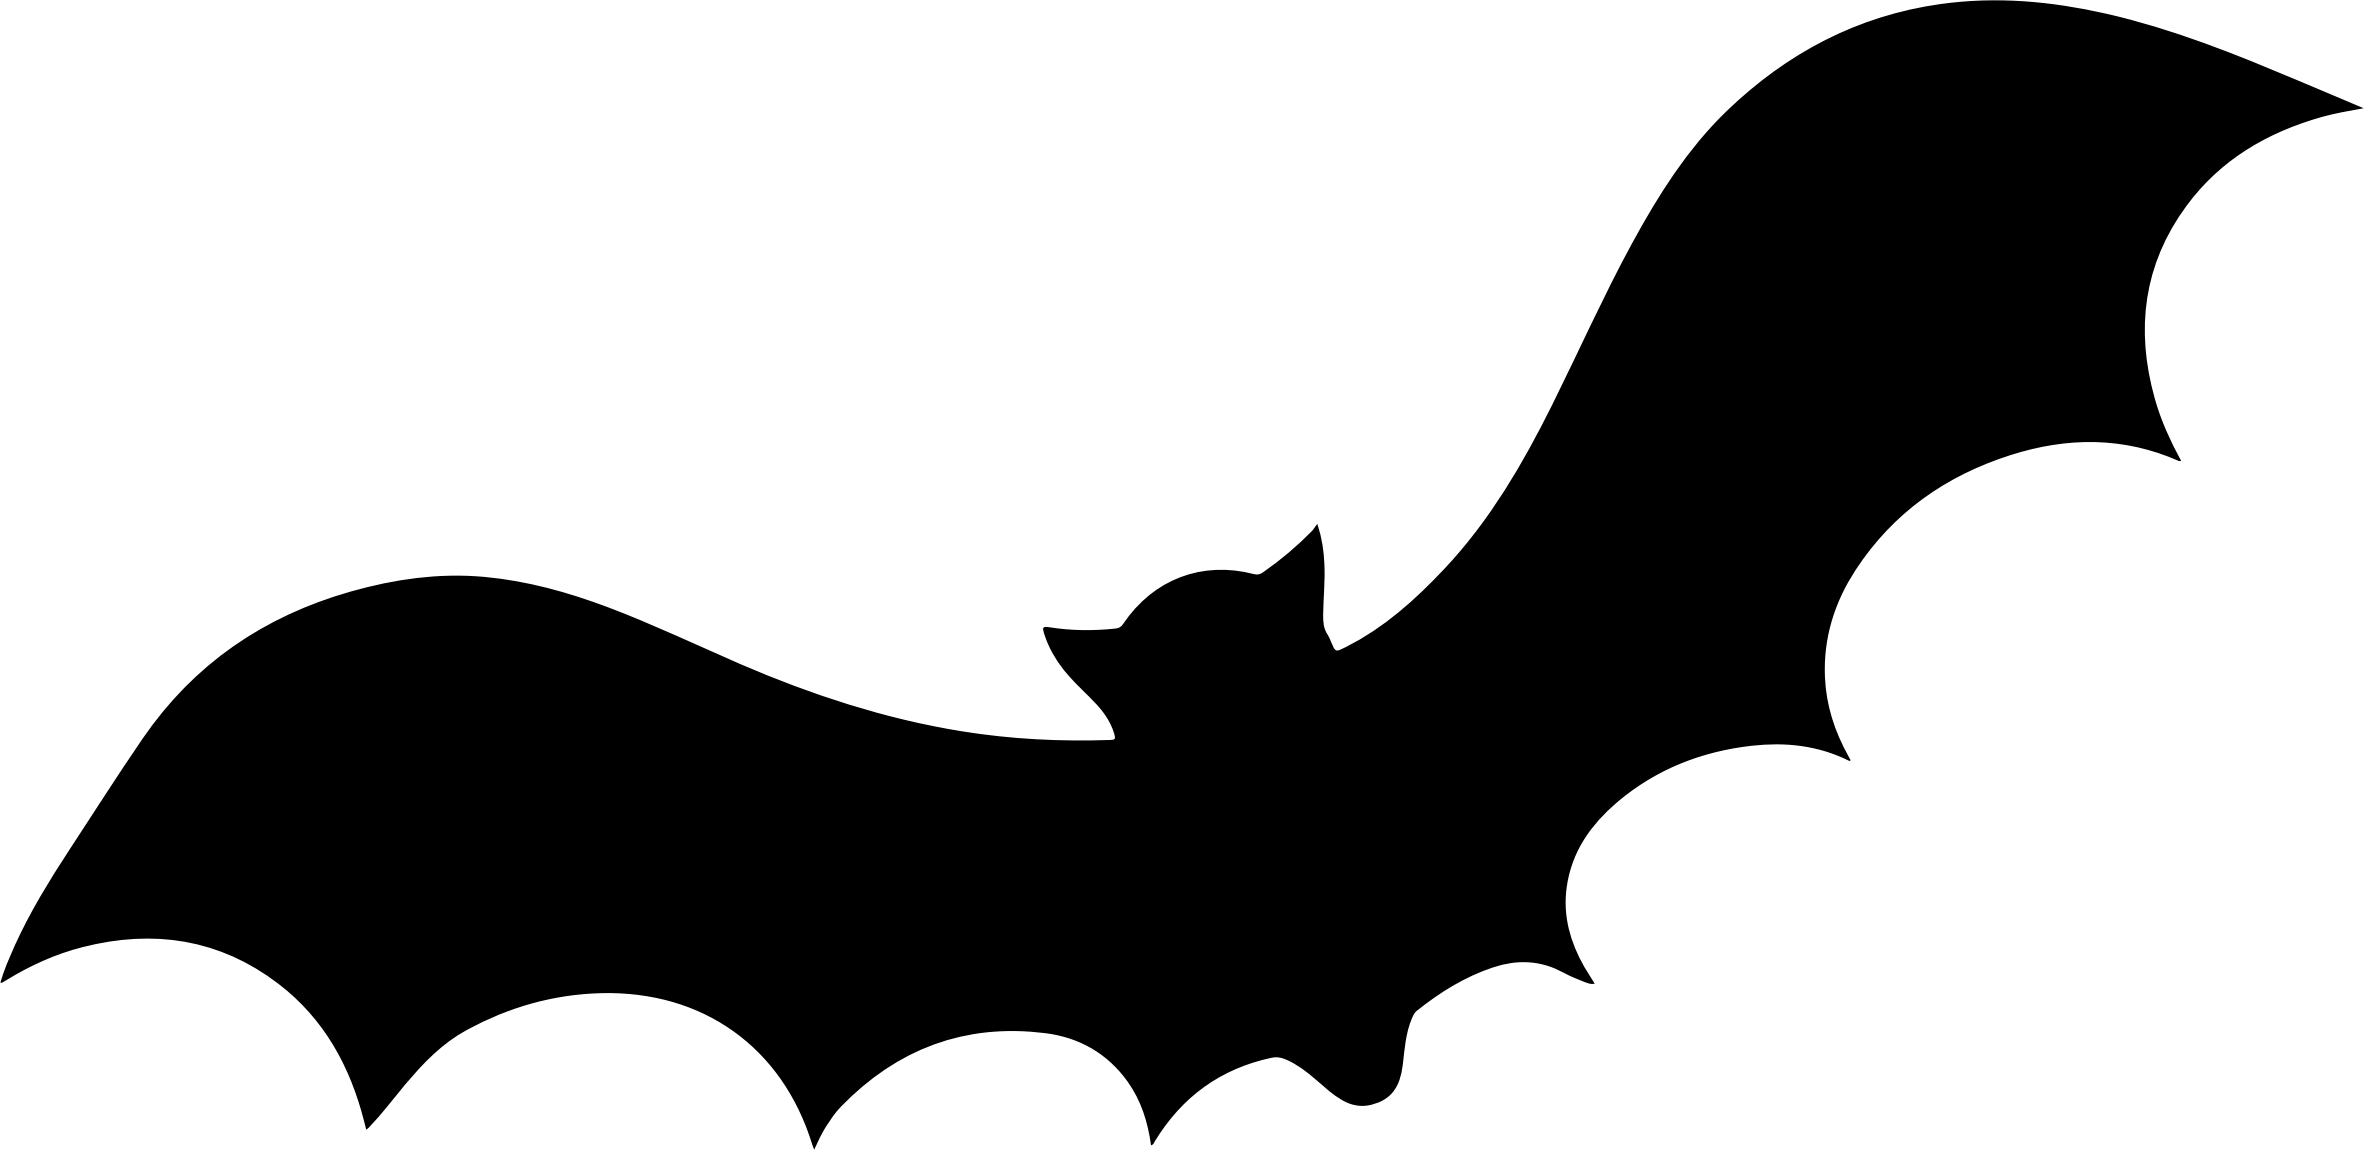 2364x1150 Silhouette Clipart Bat